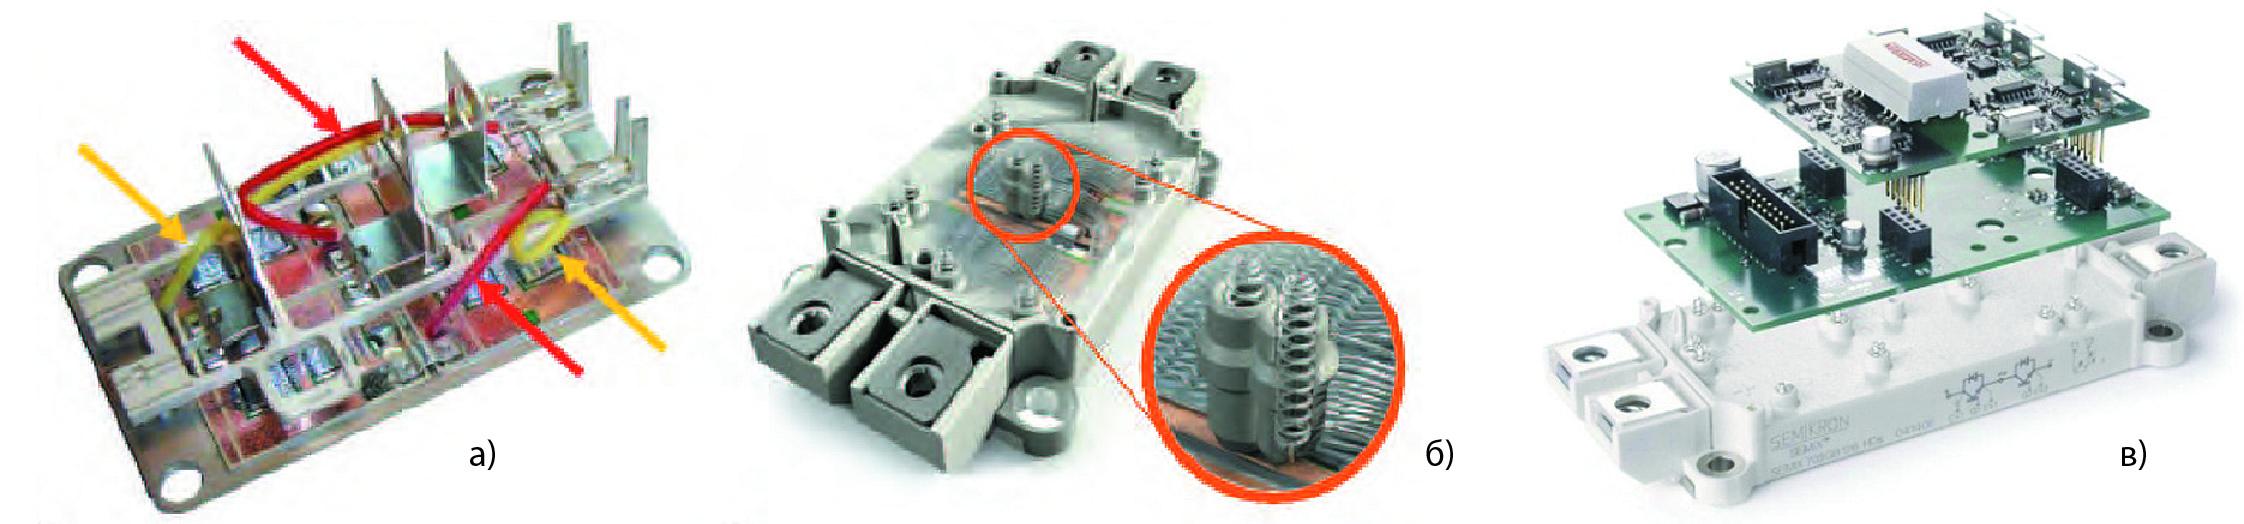 Выводы управления стандартного модуля 62 мм (SEMITRANS) и модуля SEMiX, сборка SEMiX/SKYPER 32